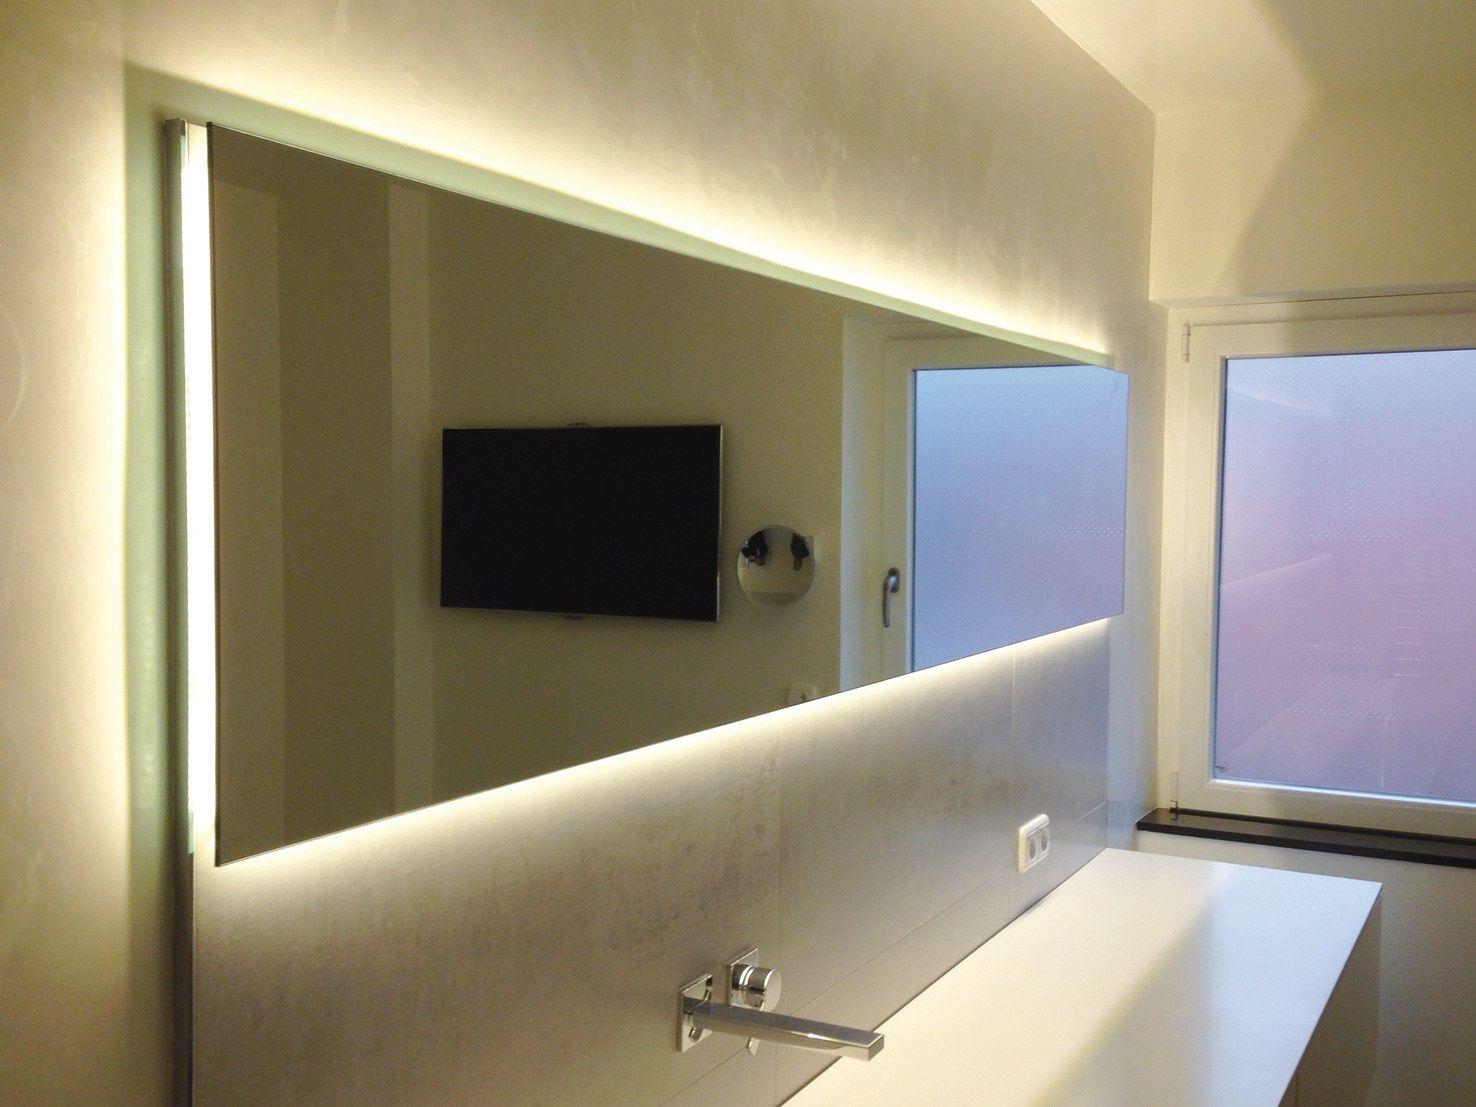 Lampade sospensione design - Lampade da bagno sopra specchio ...